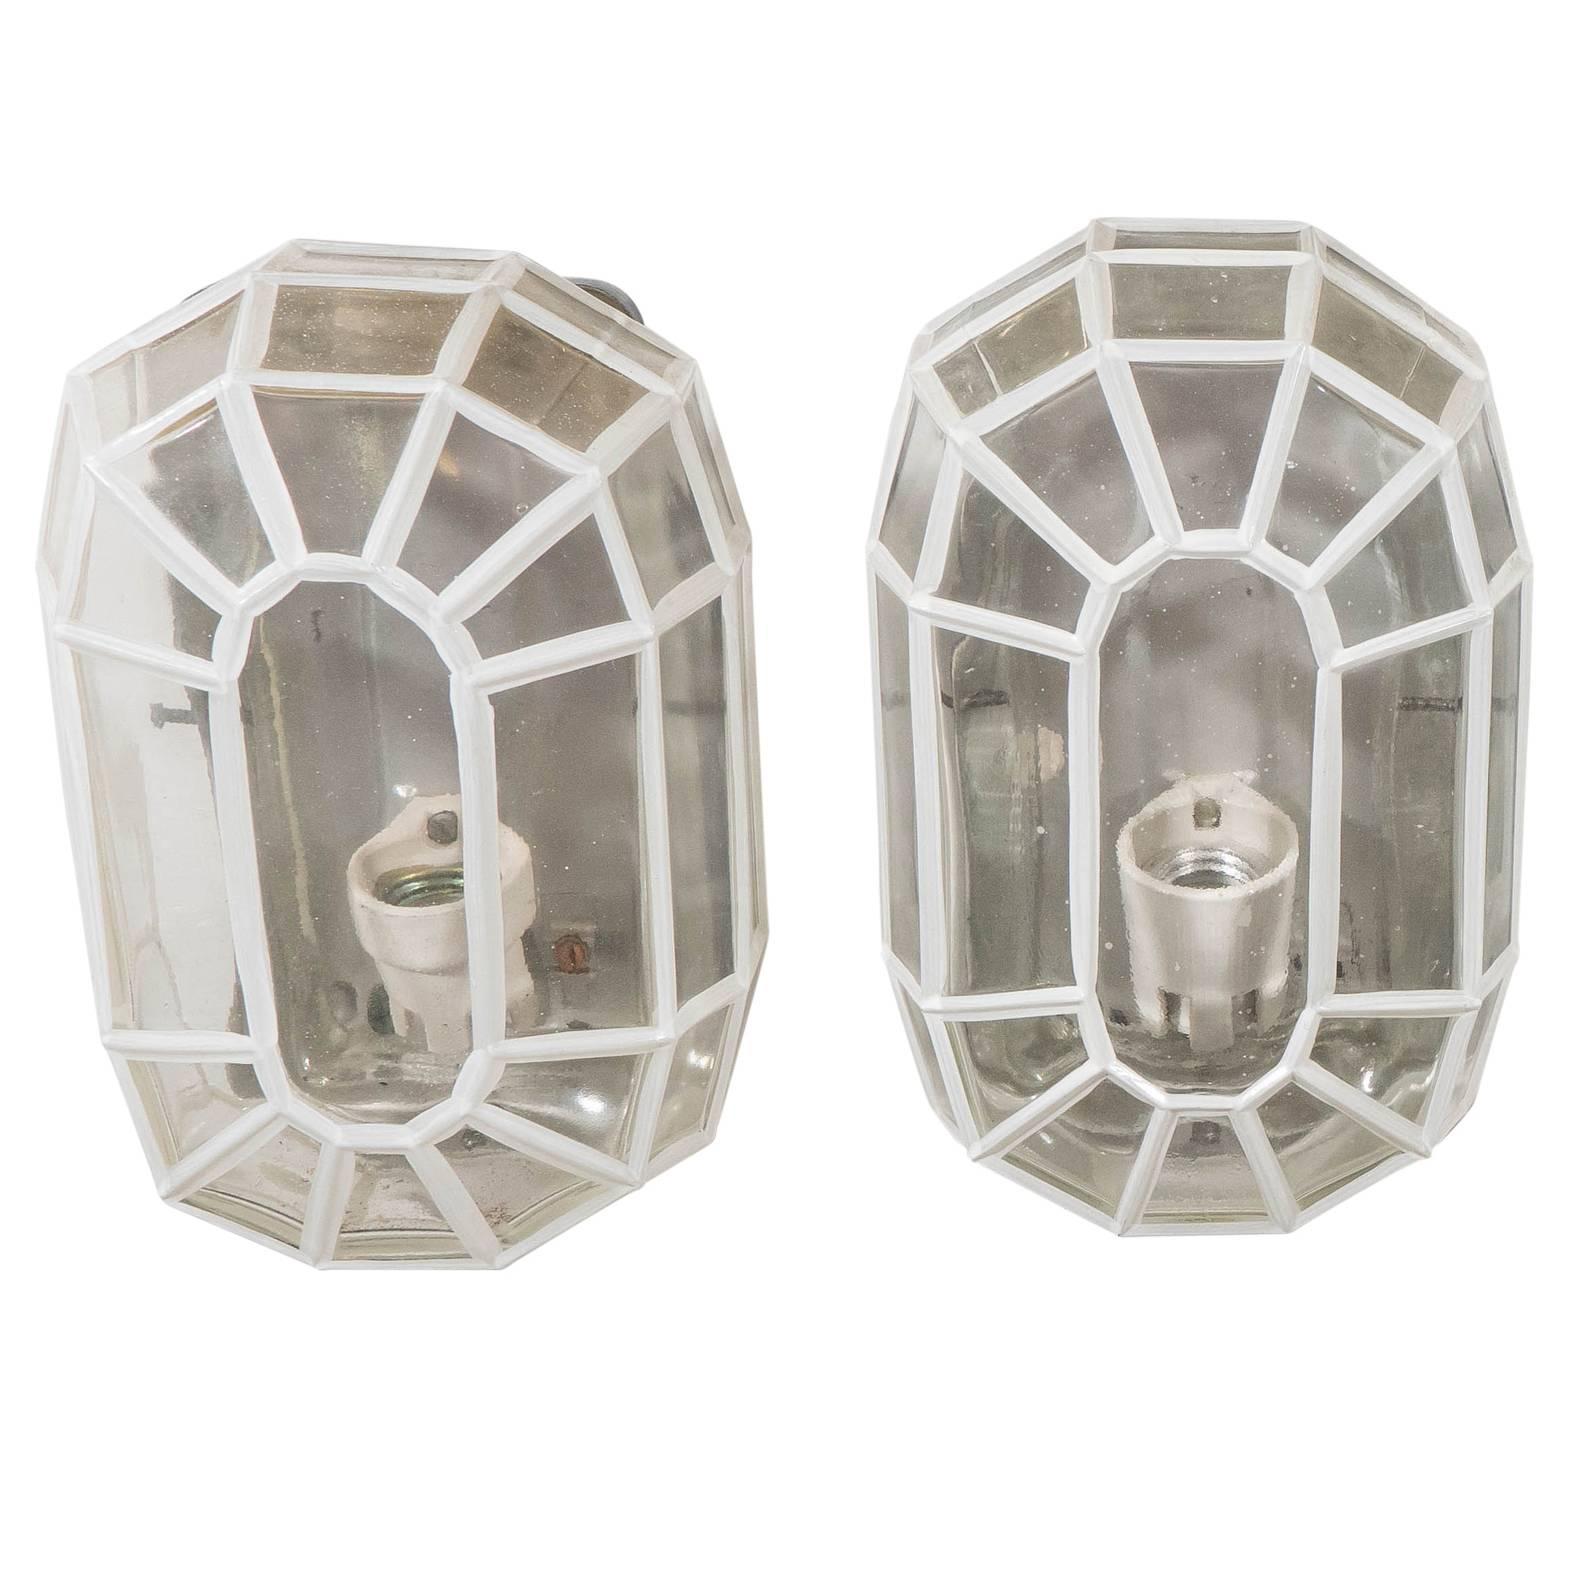 Pair of Glashütte Limburg Faceted Glass Sconces